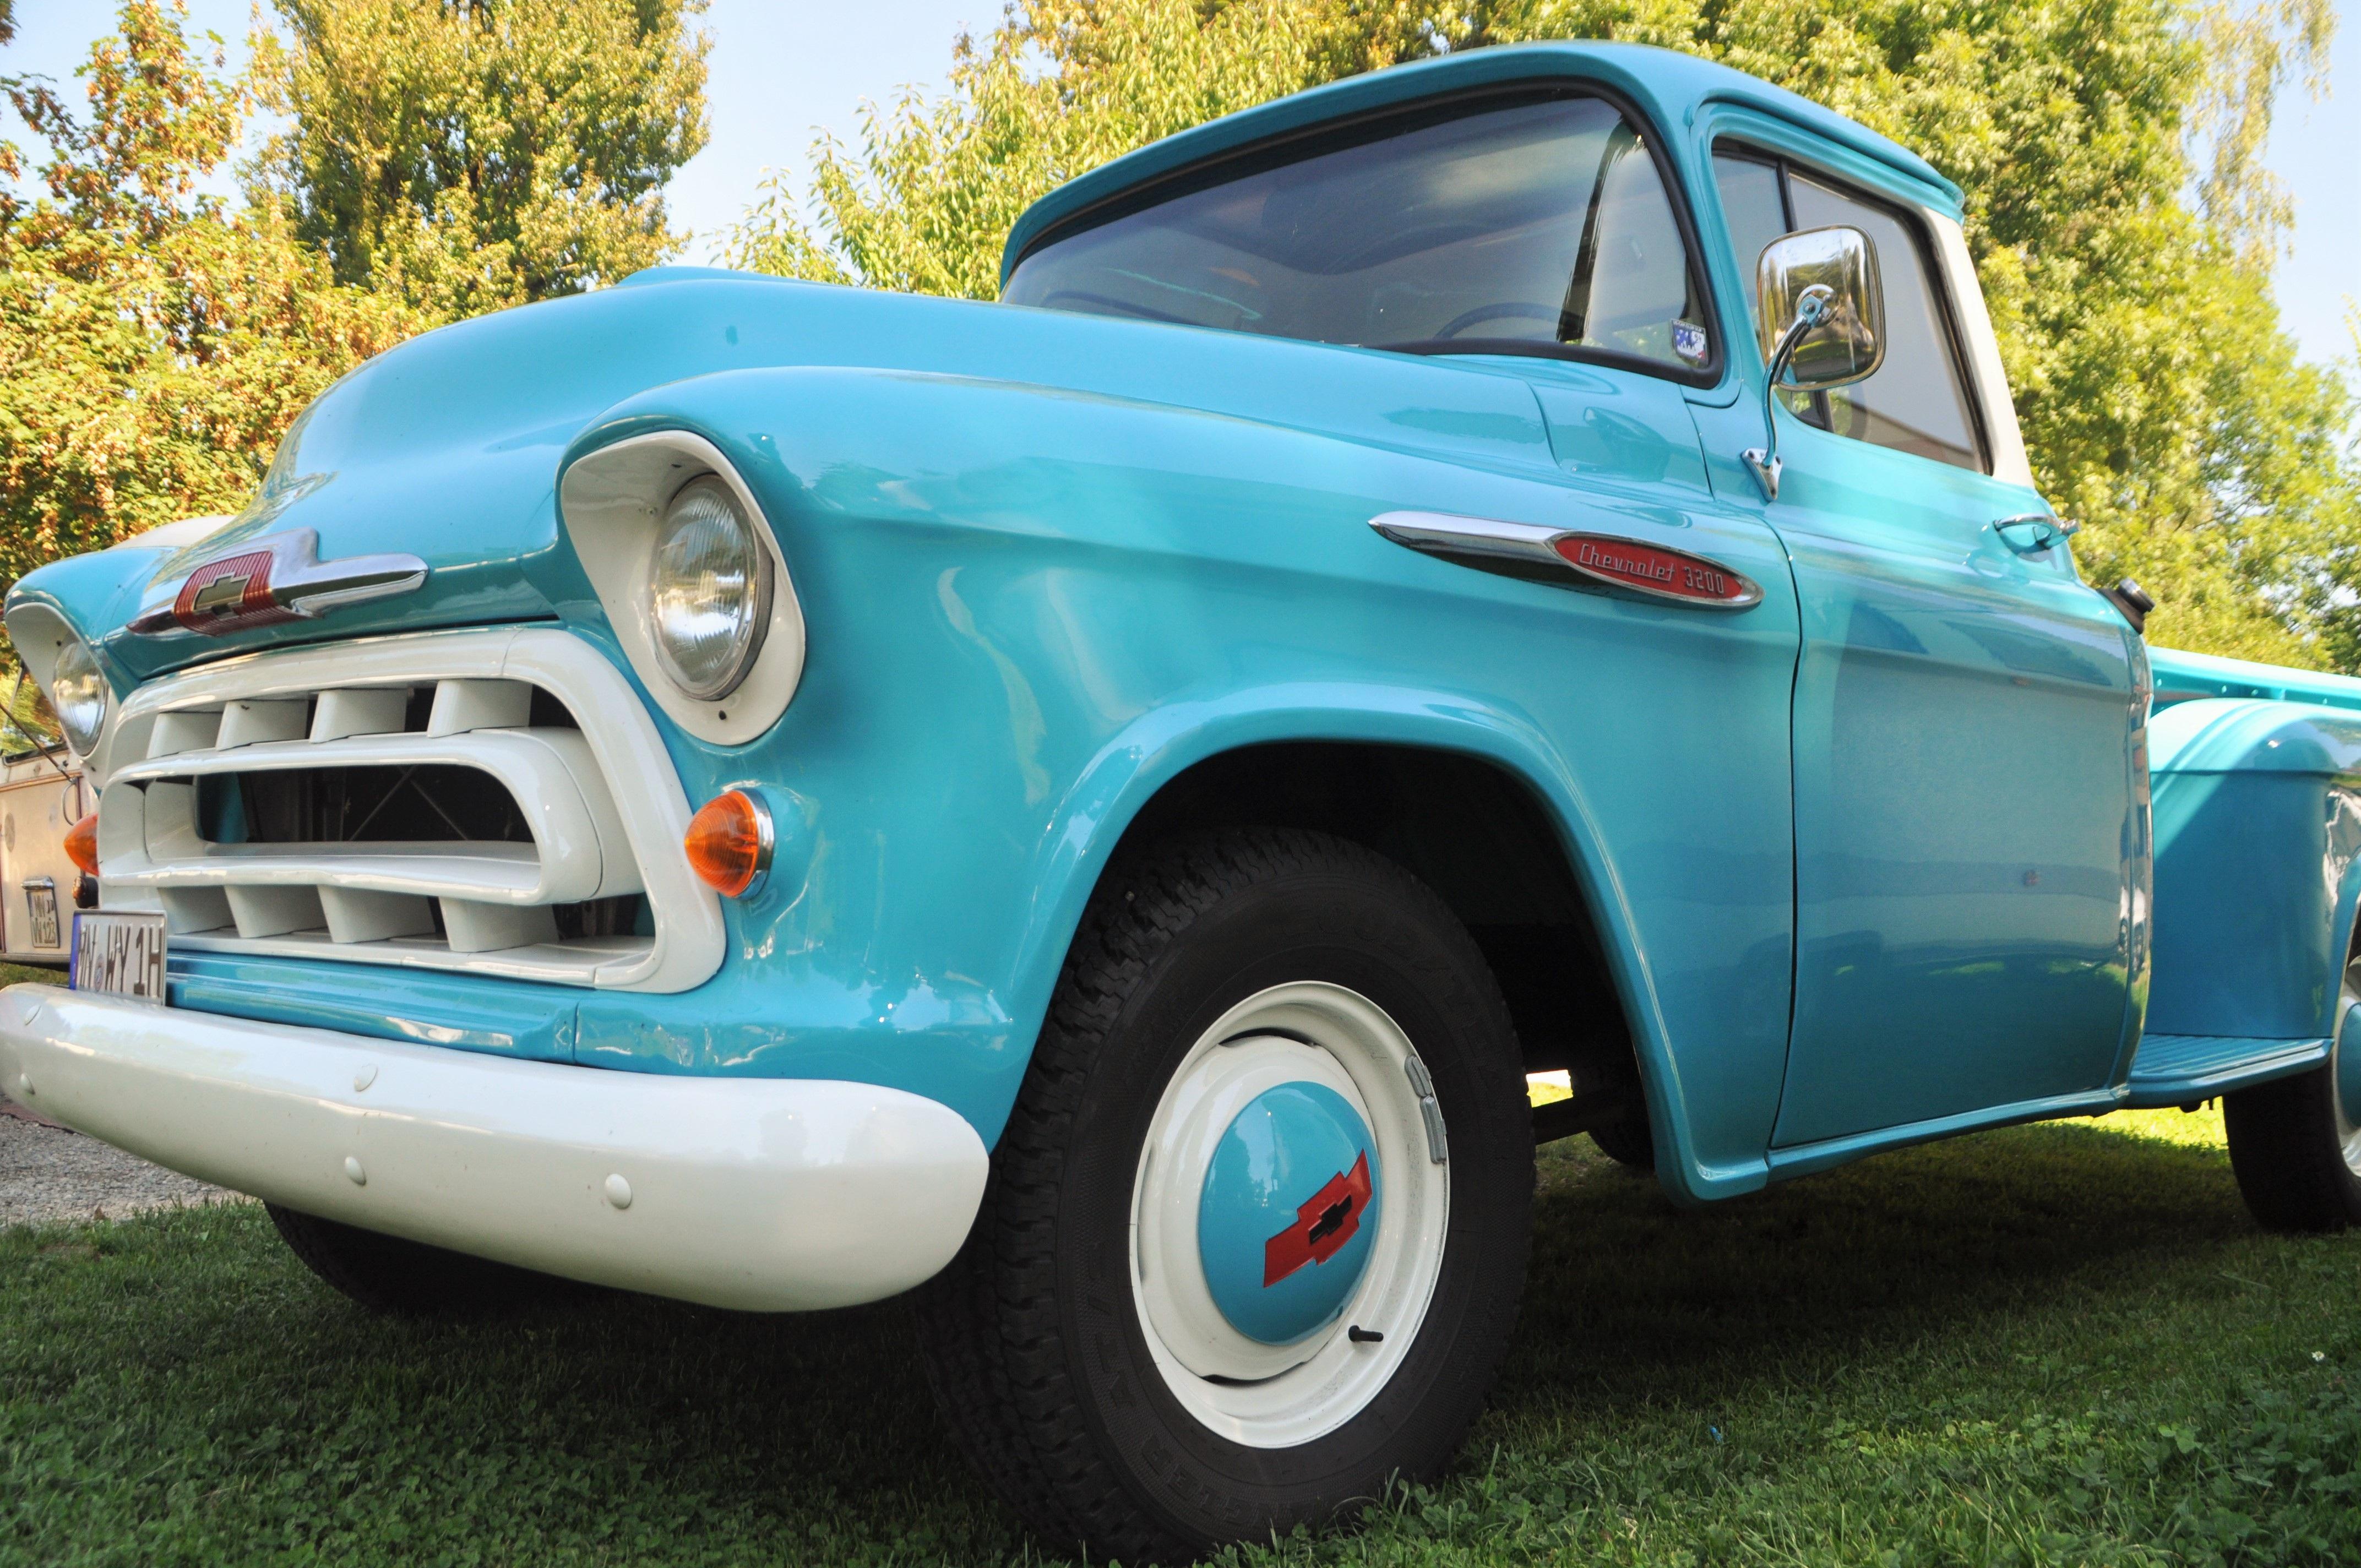 images gratuites vieux un camion v hicule auto nostalgie bleu voiture classique voiture. Black Bedroom Furniture Sets. Home Design Ideas